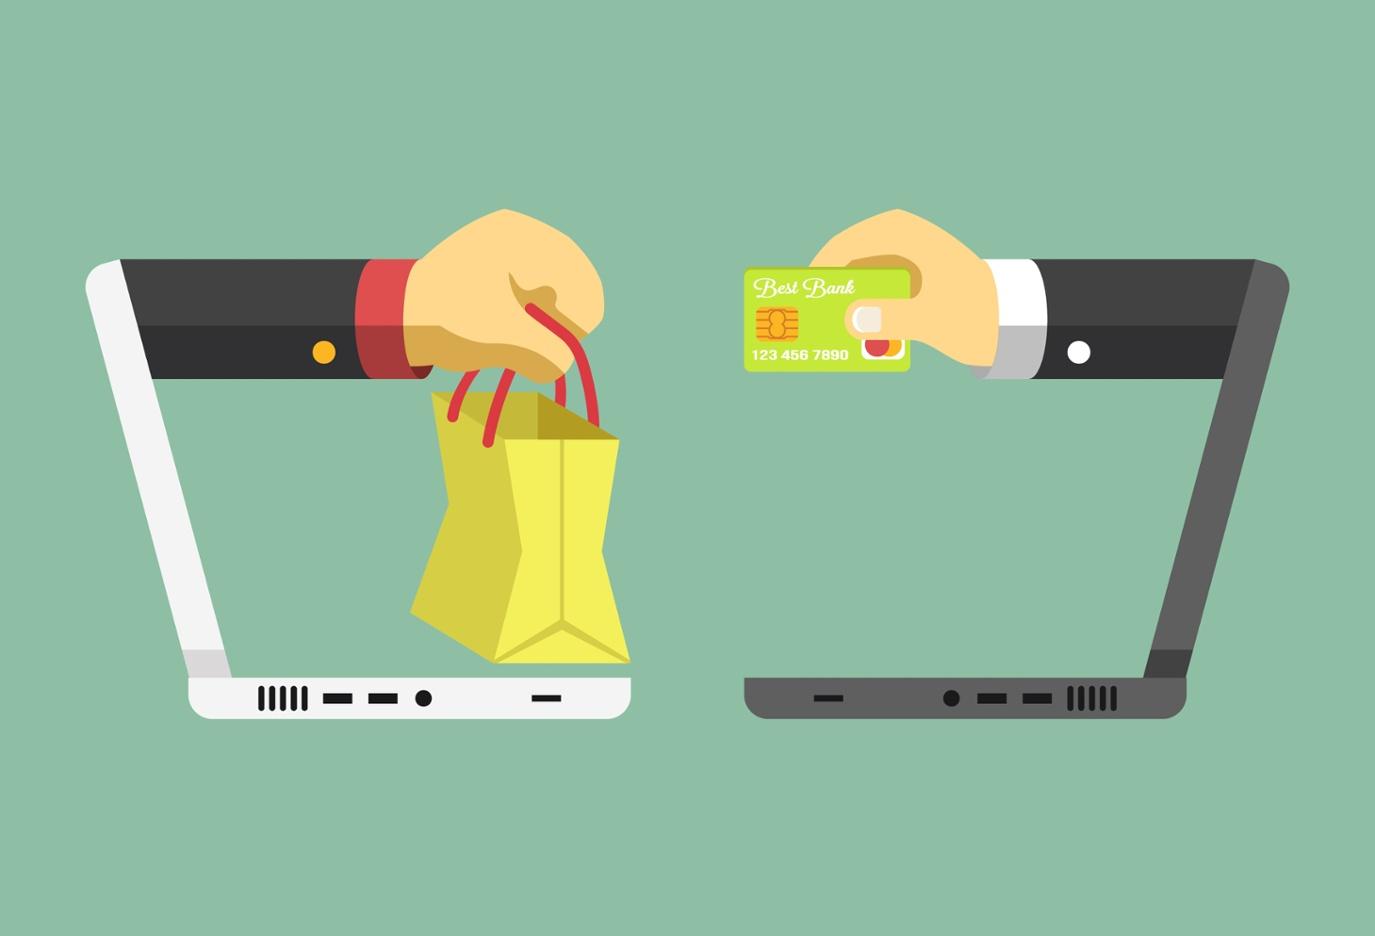 Повлиять нарешение опокупке винтернете сложно— но можно.